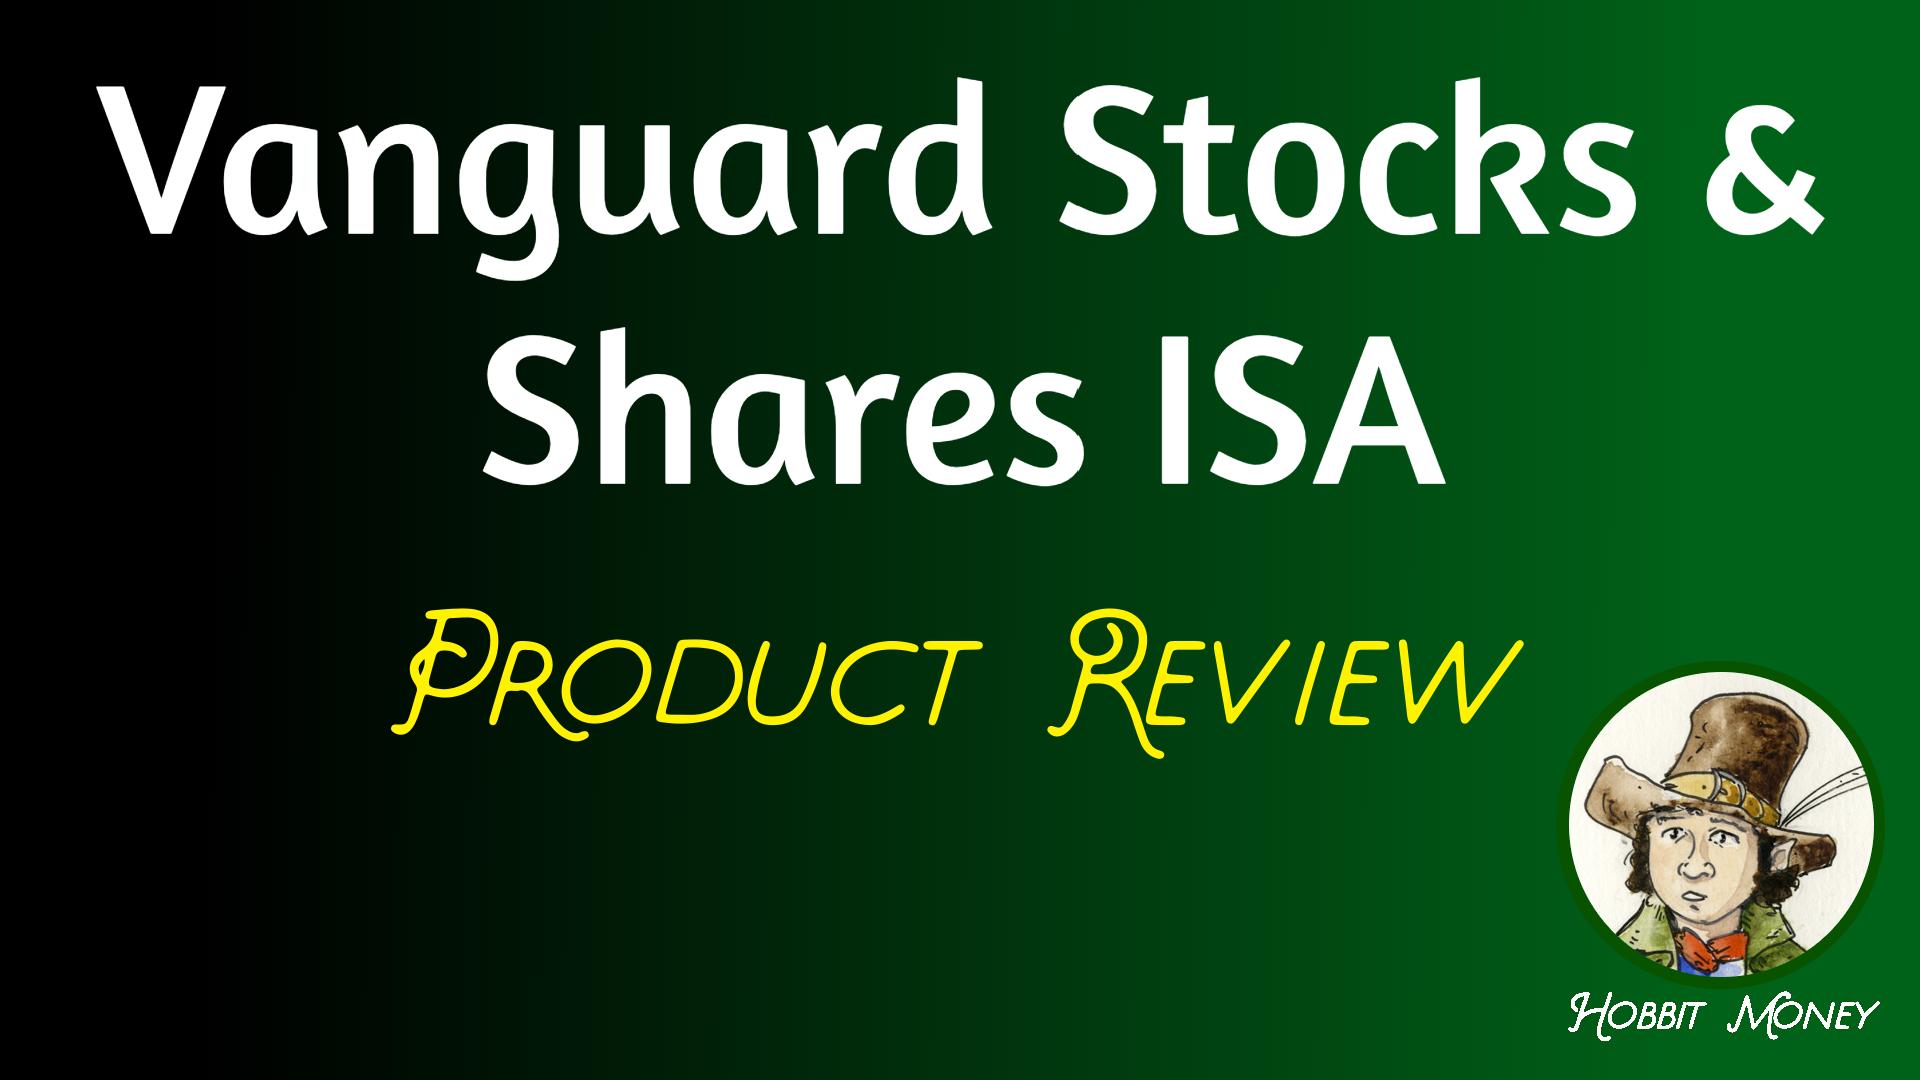 Vanguard Stocks & Shares ISA Product Review - Hobbit Money.